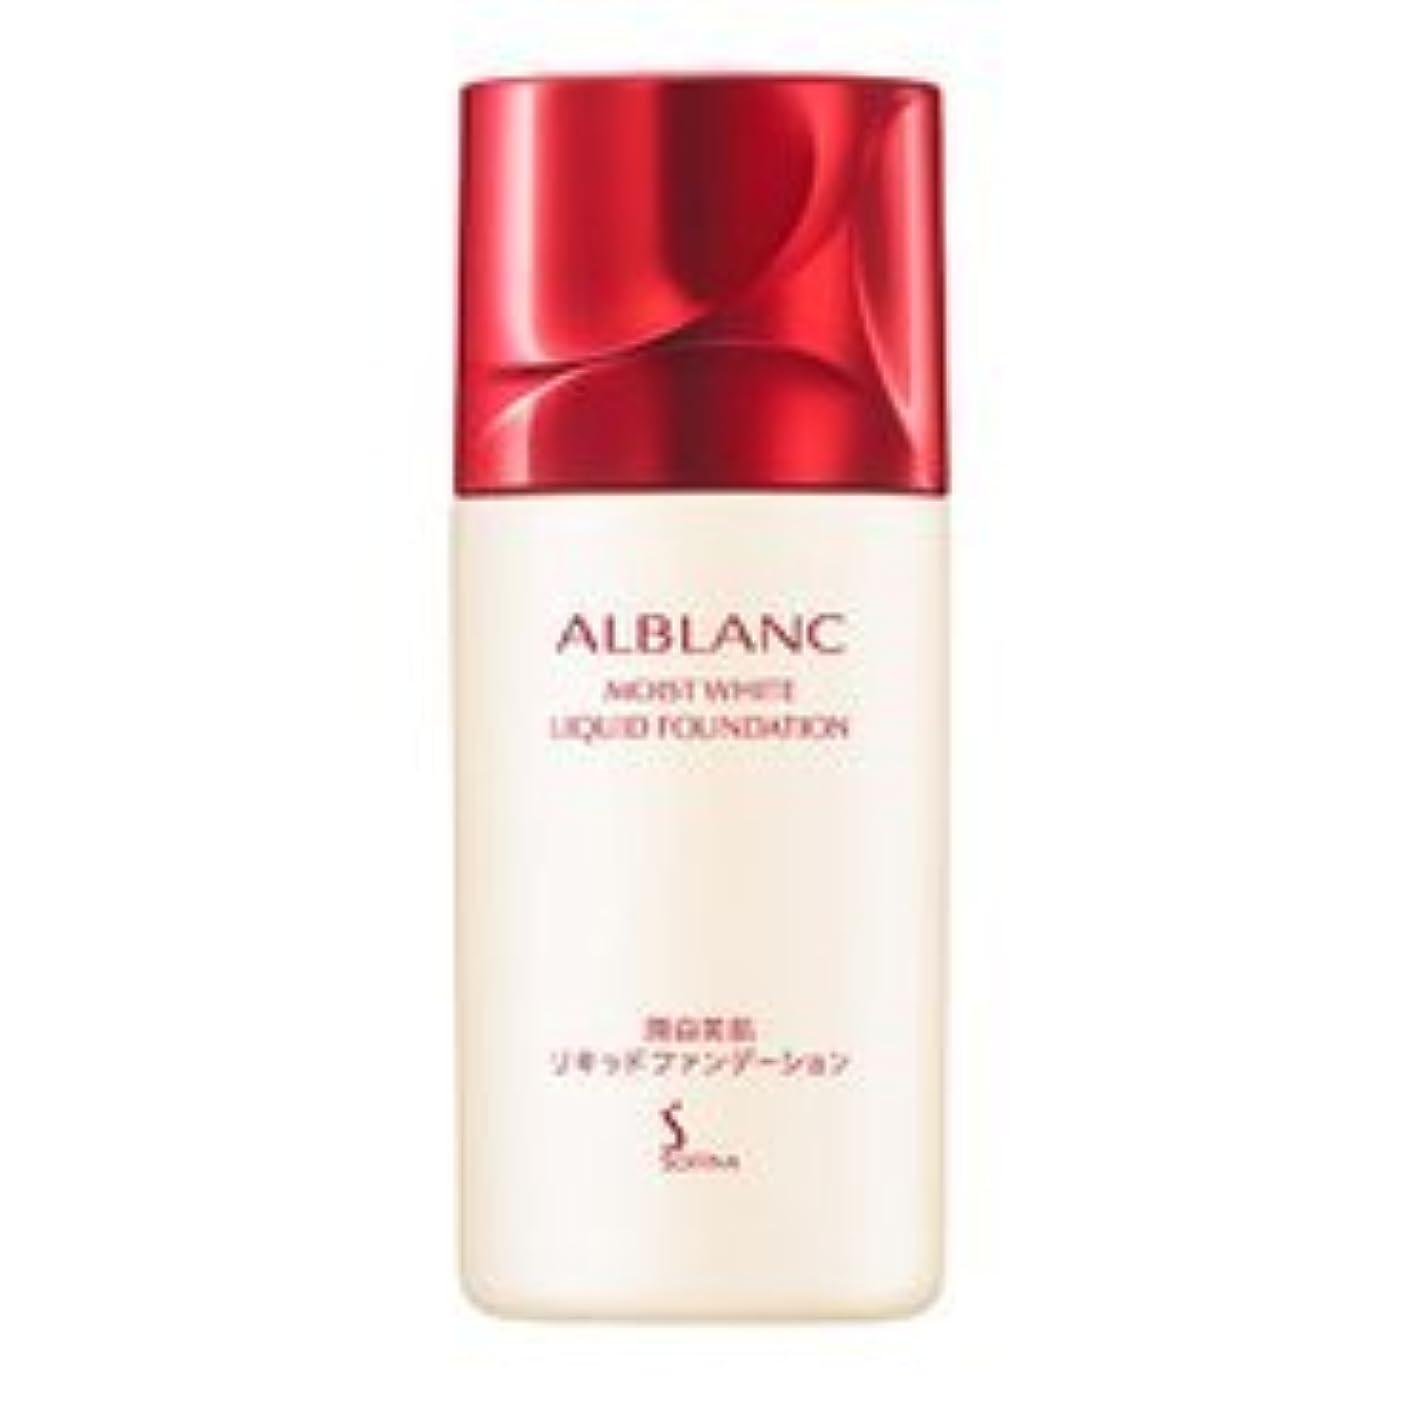 伝記硬い却下するソフィーナ アルブラン 潤白美肌リキッドファンデーション ベージュオークル01